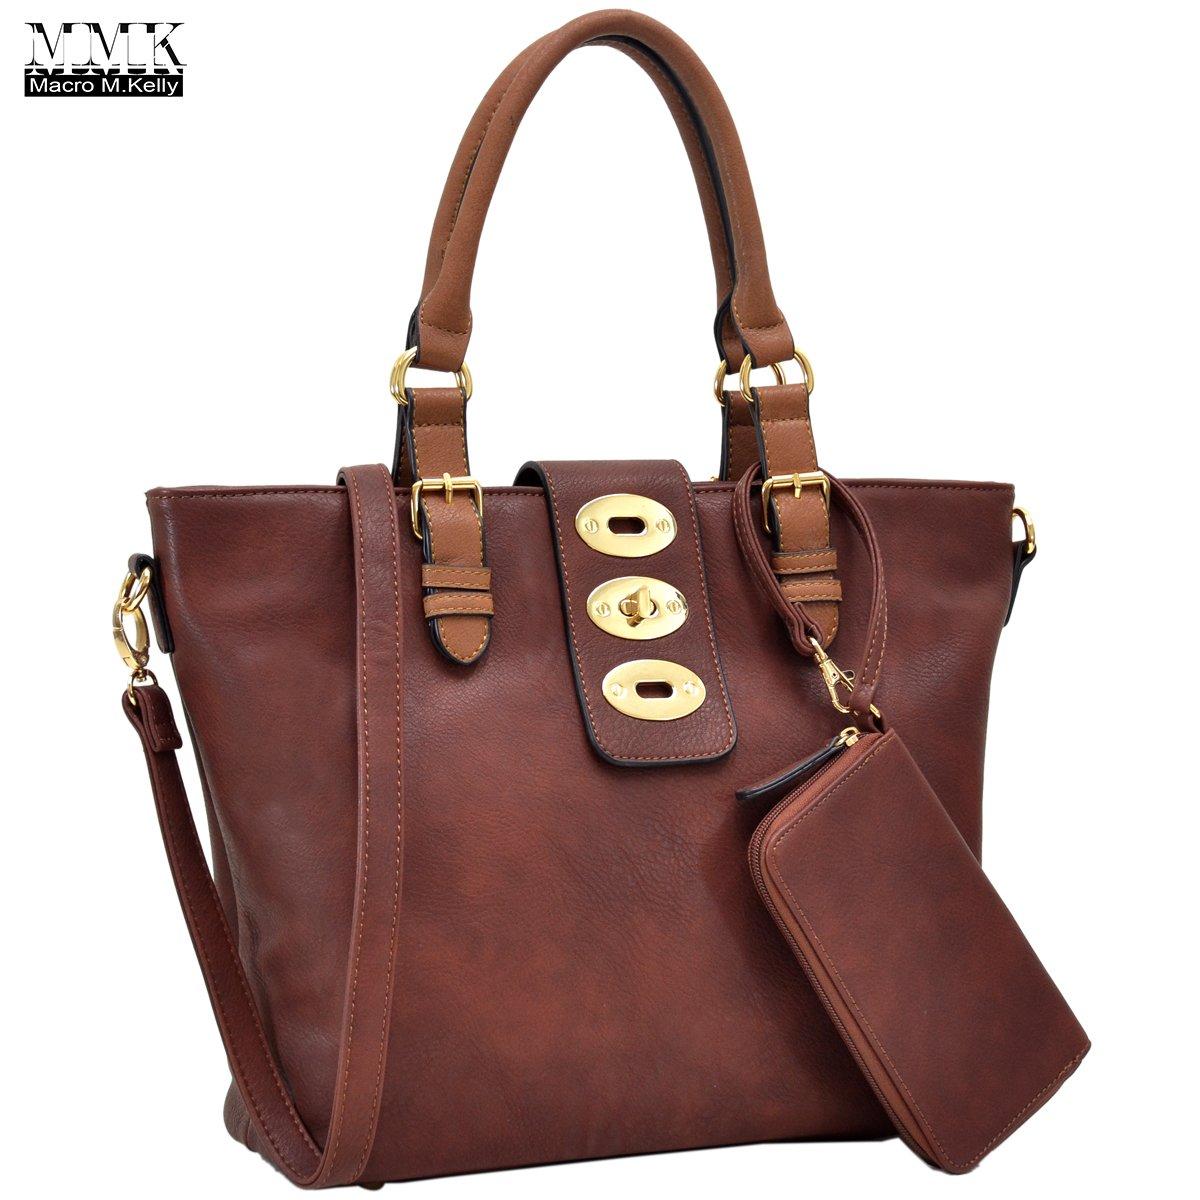 MMK collection Fashion handbag~Classic Tote bag~Holiday gift purse with Wallet~Beautiful Handbag wallet set~Crossbody handbag (MA-07-6717-CF/CF) by Marco M. Kelly (Image #1)